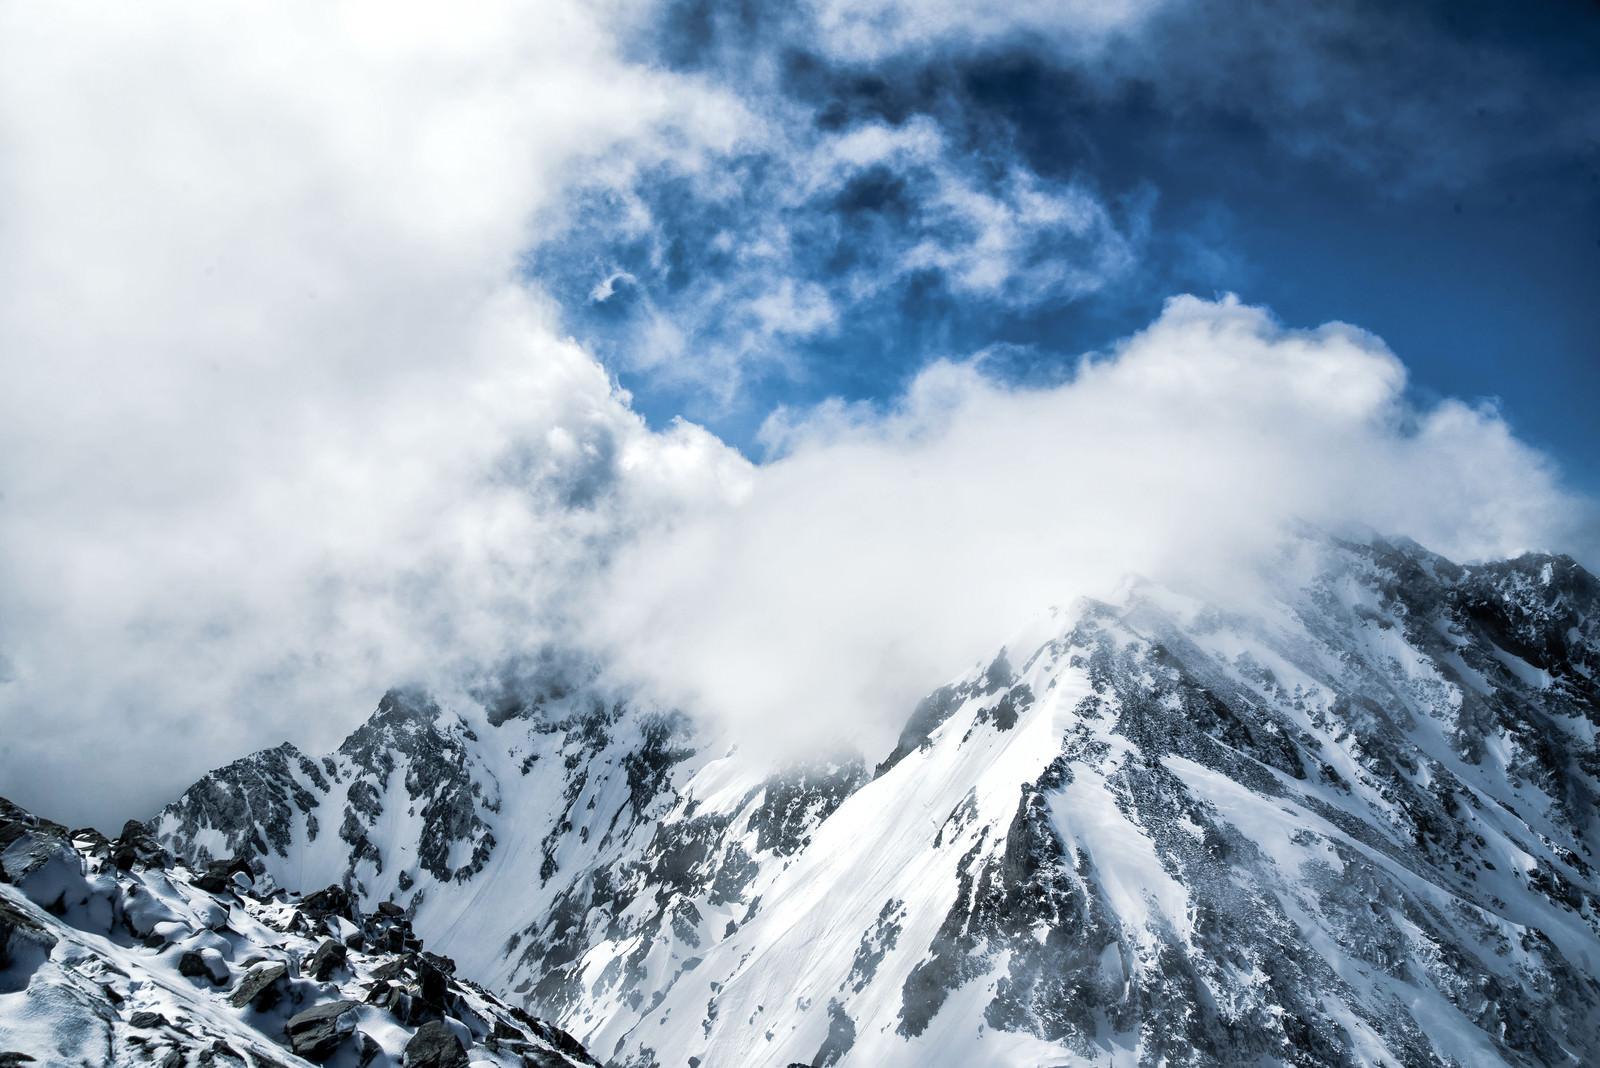 「湧き上がる雲と穂高連峰(飛騨山脈)」の写真